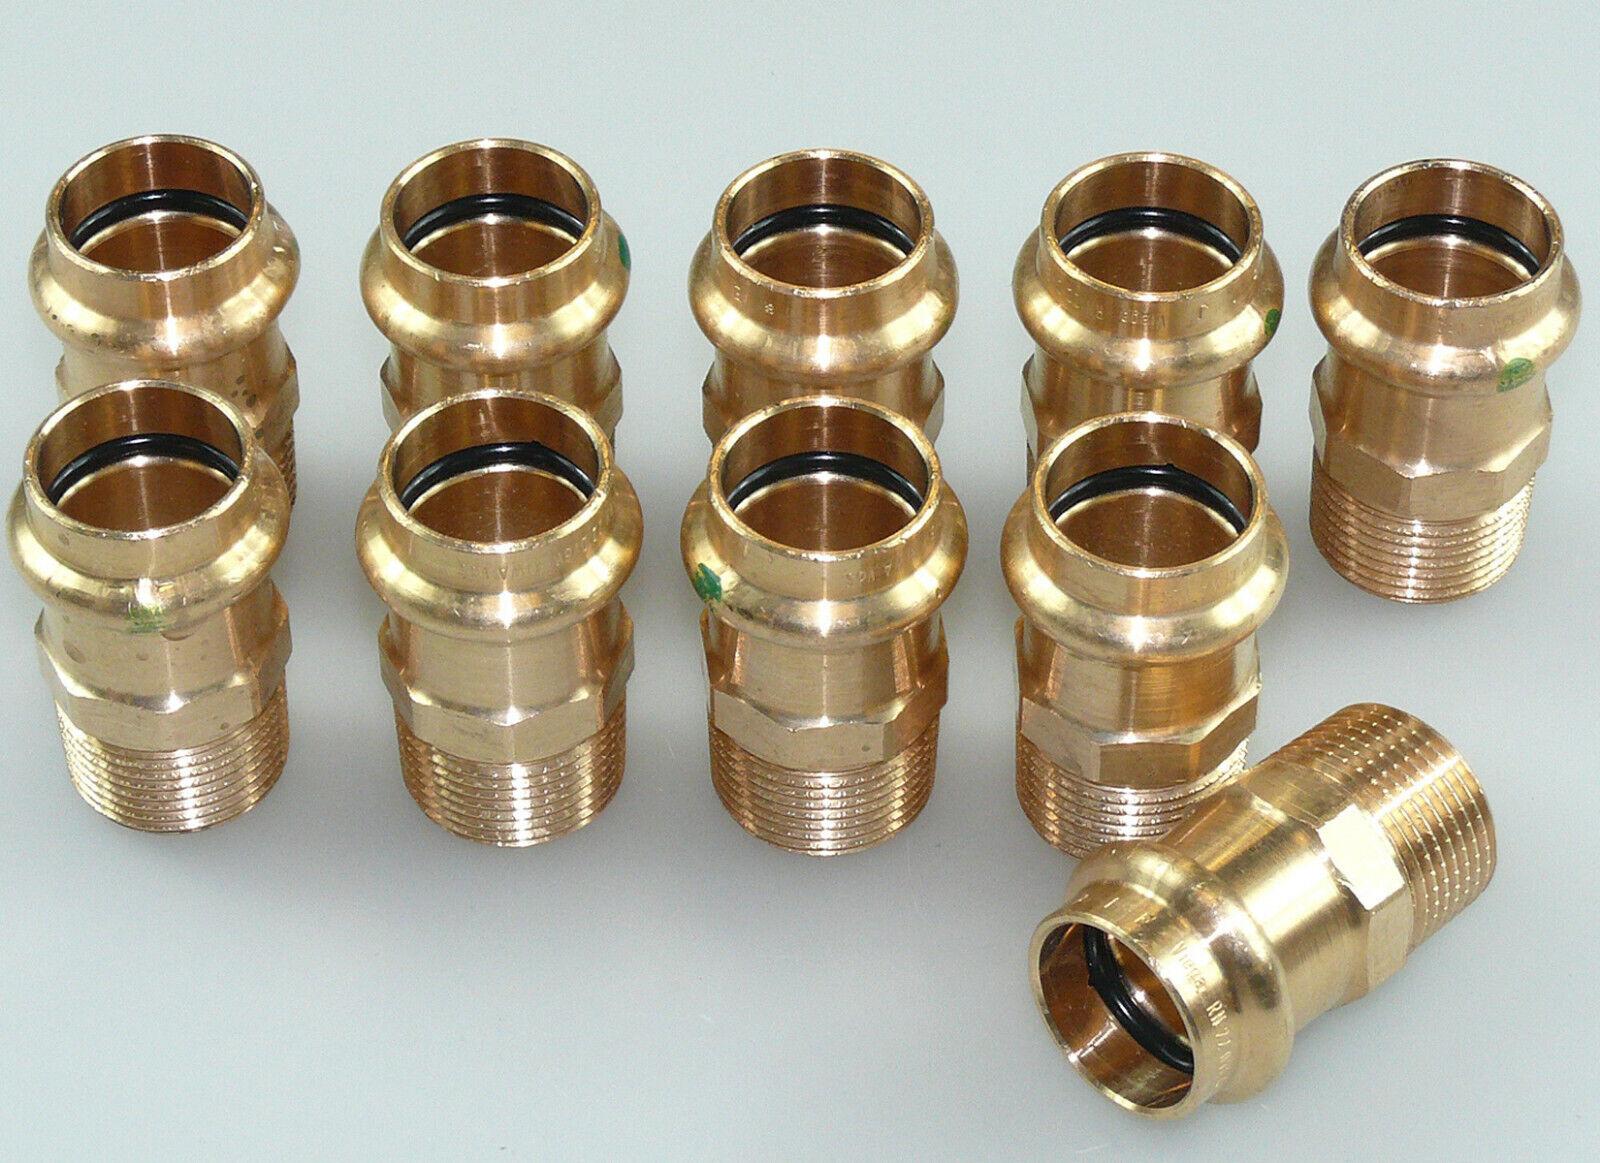 Pressfitting Kupfer Viega Profipress Übergangsnippel Außengewinde 12-54 mm